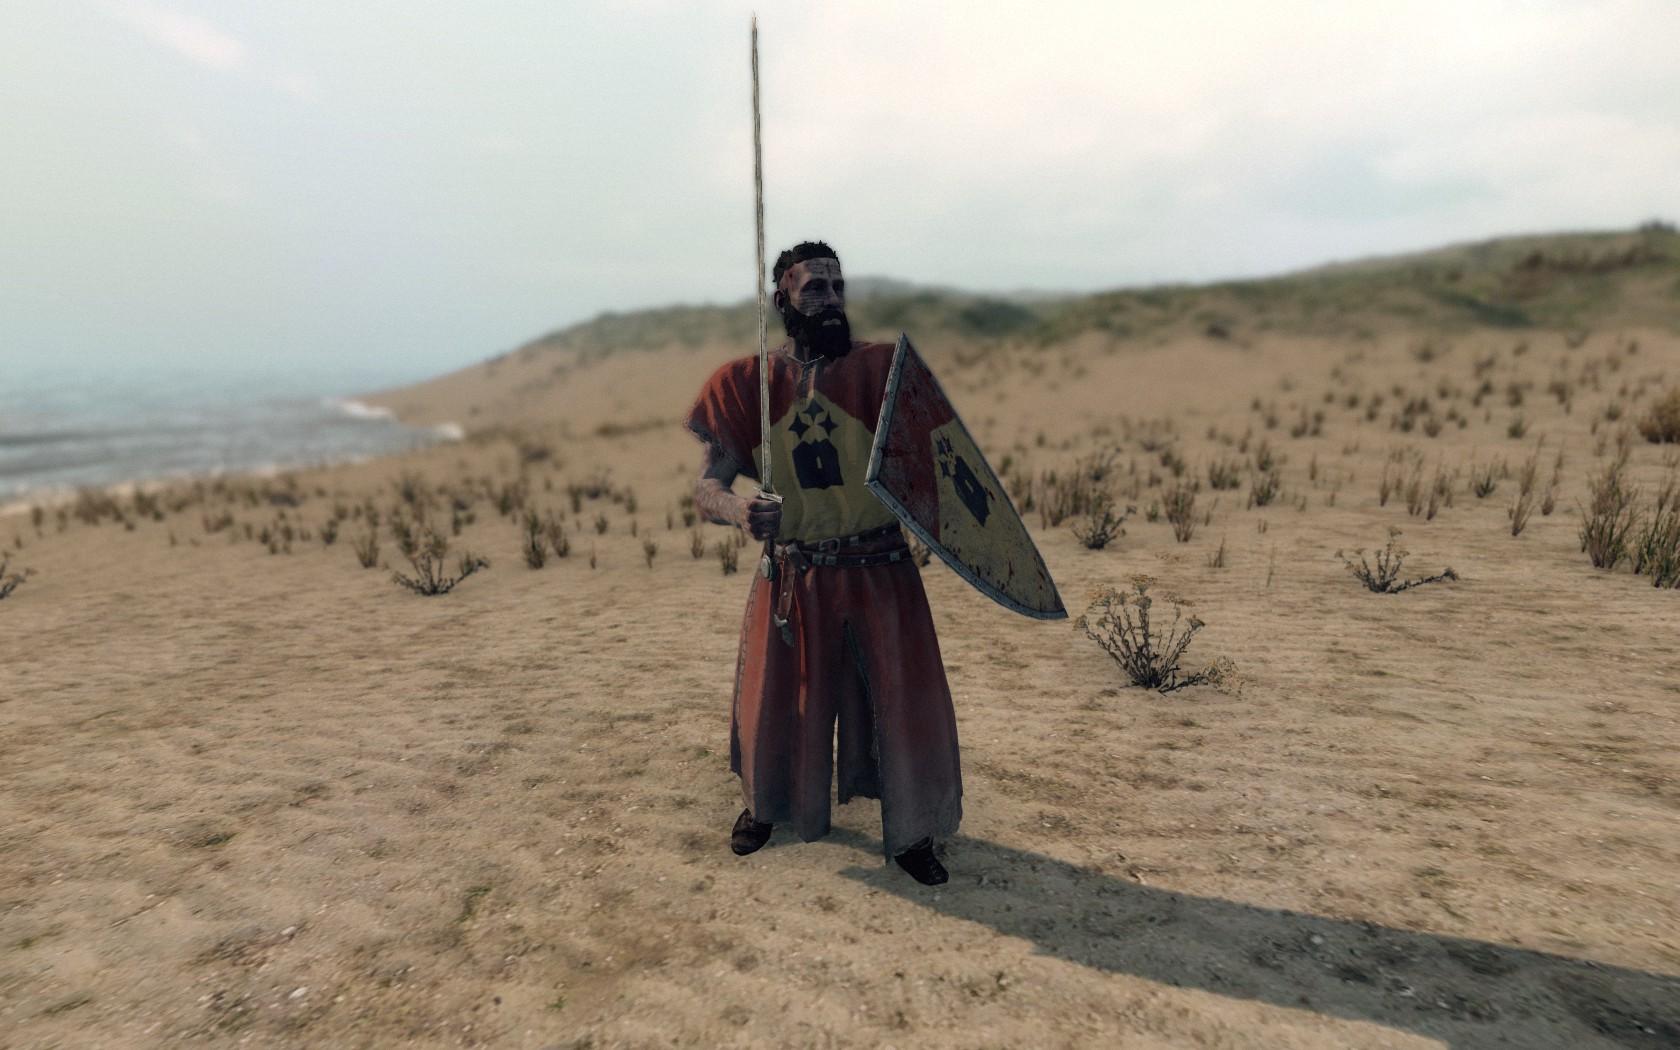 Life is feudal разработчики скачать игру симс онлайн бесплатно